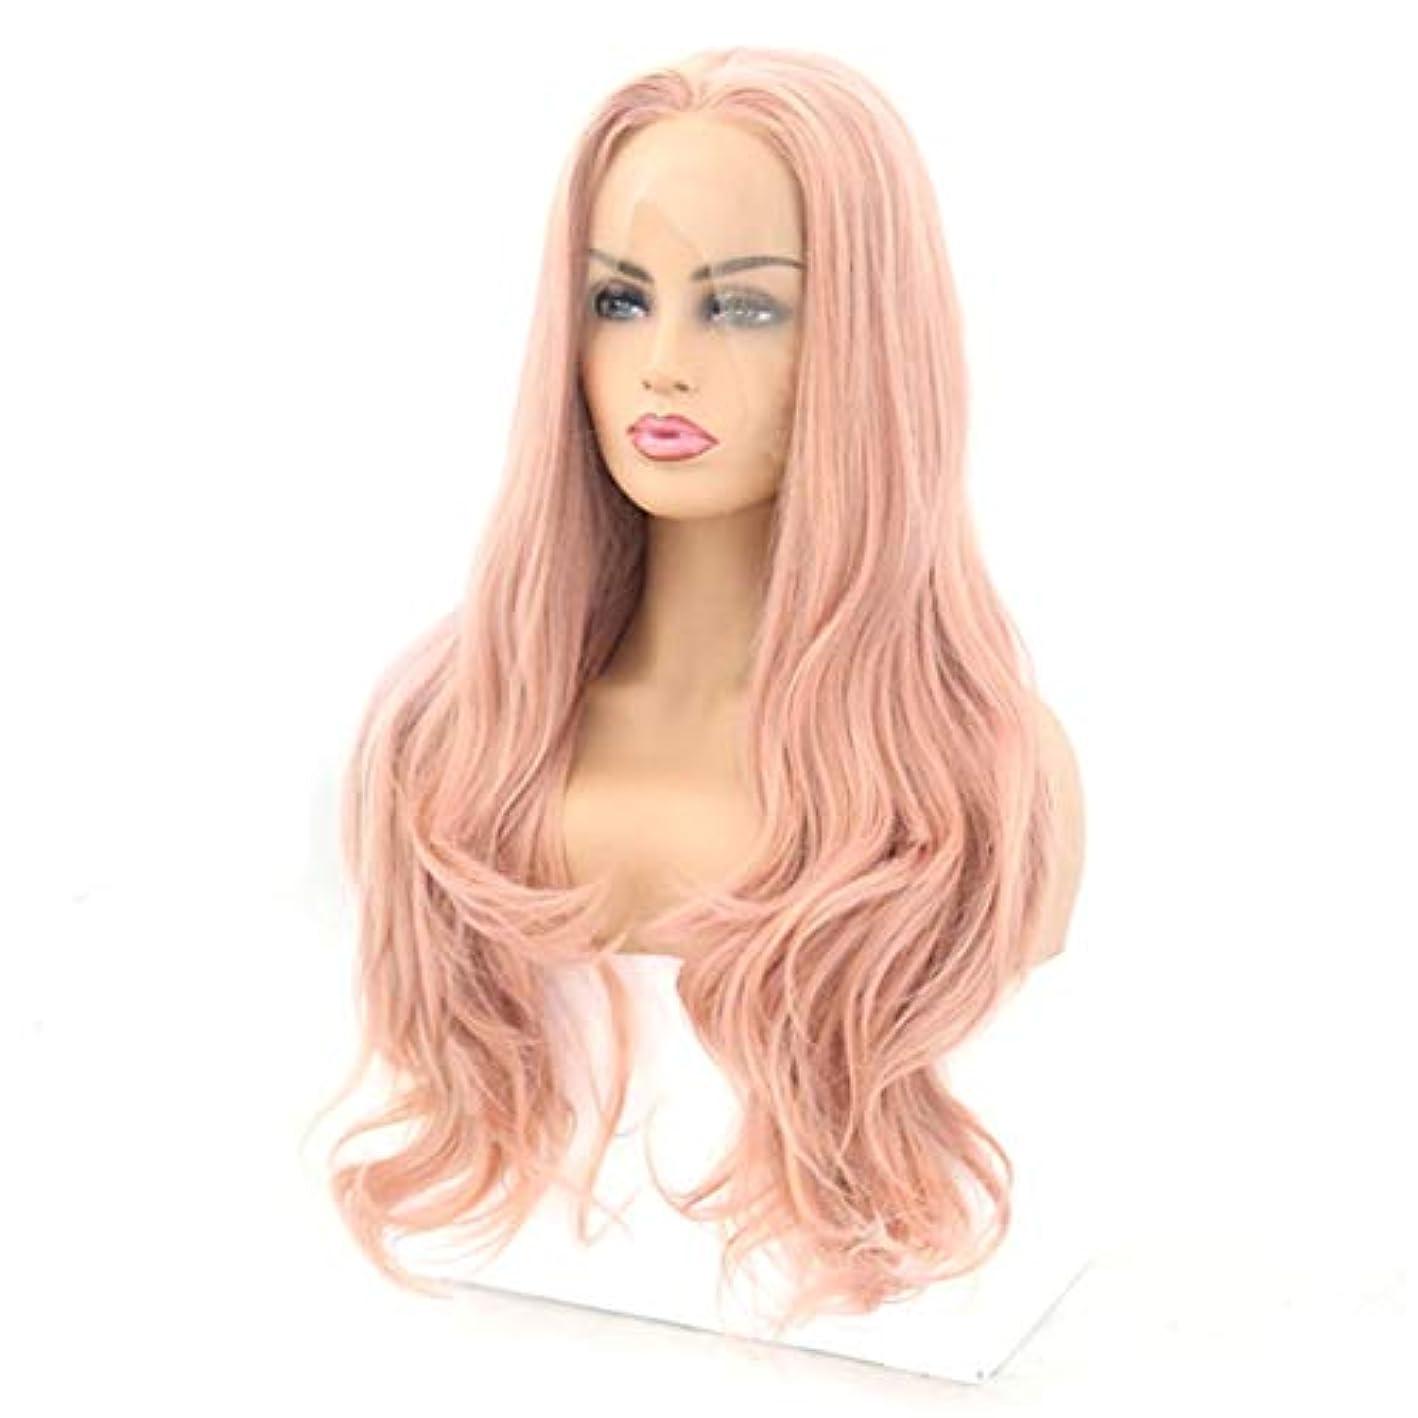 フィドル無線幻想Kerwinner フロントレースかつら長い巻き毛のかつら合成のカラフルなコスプレ日常パーティーかつら本物の髪として自然な女性のためのかつら